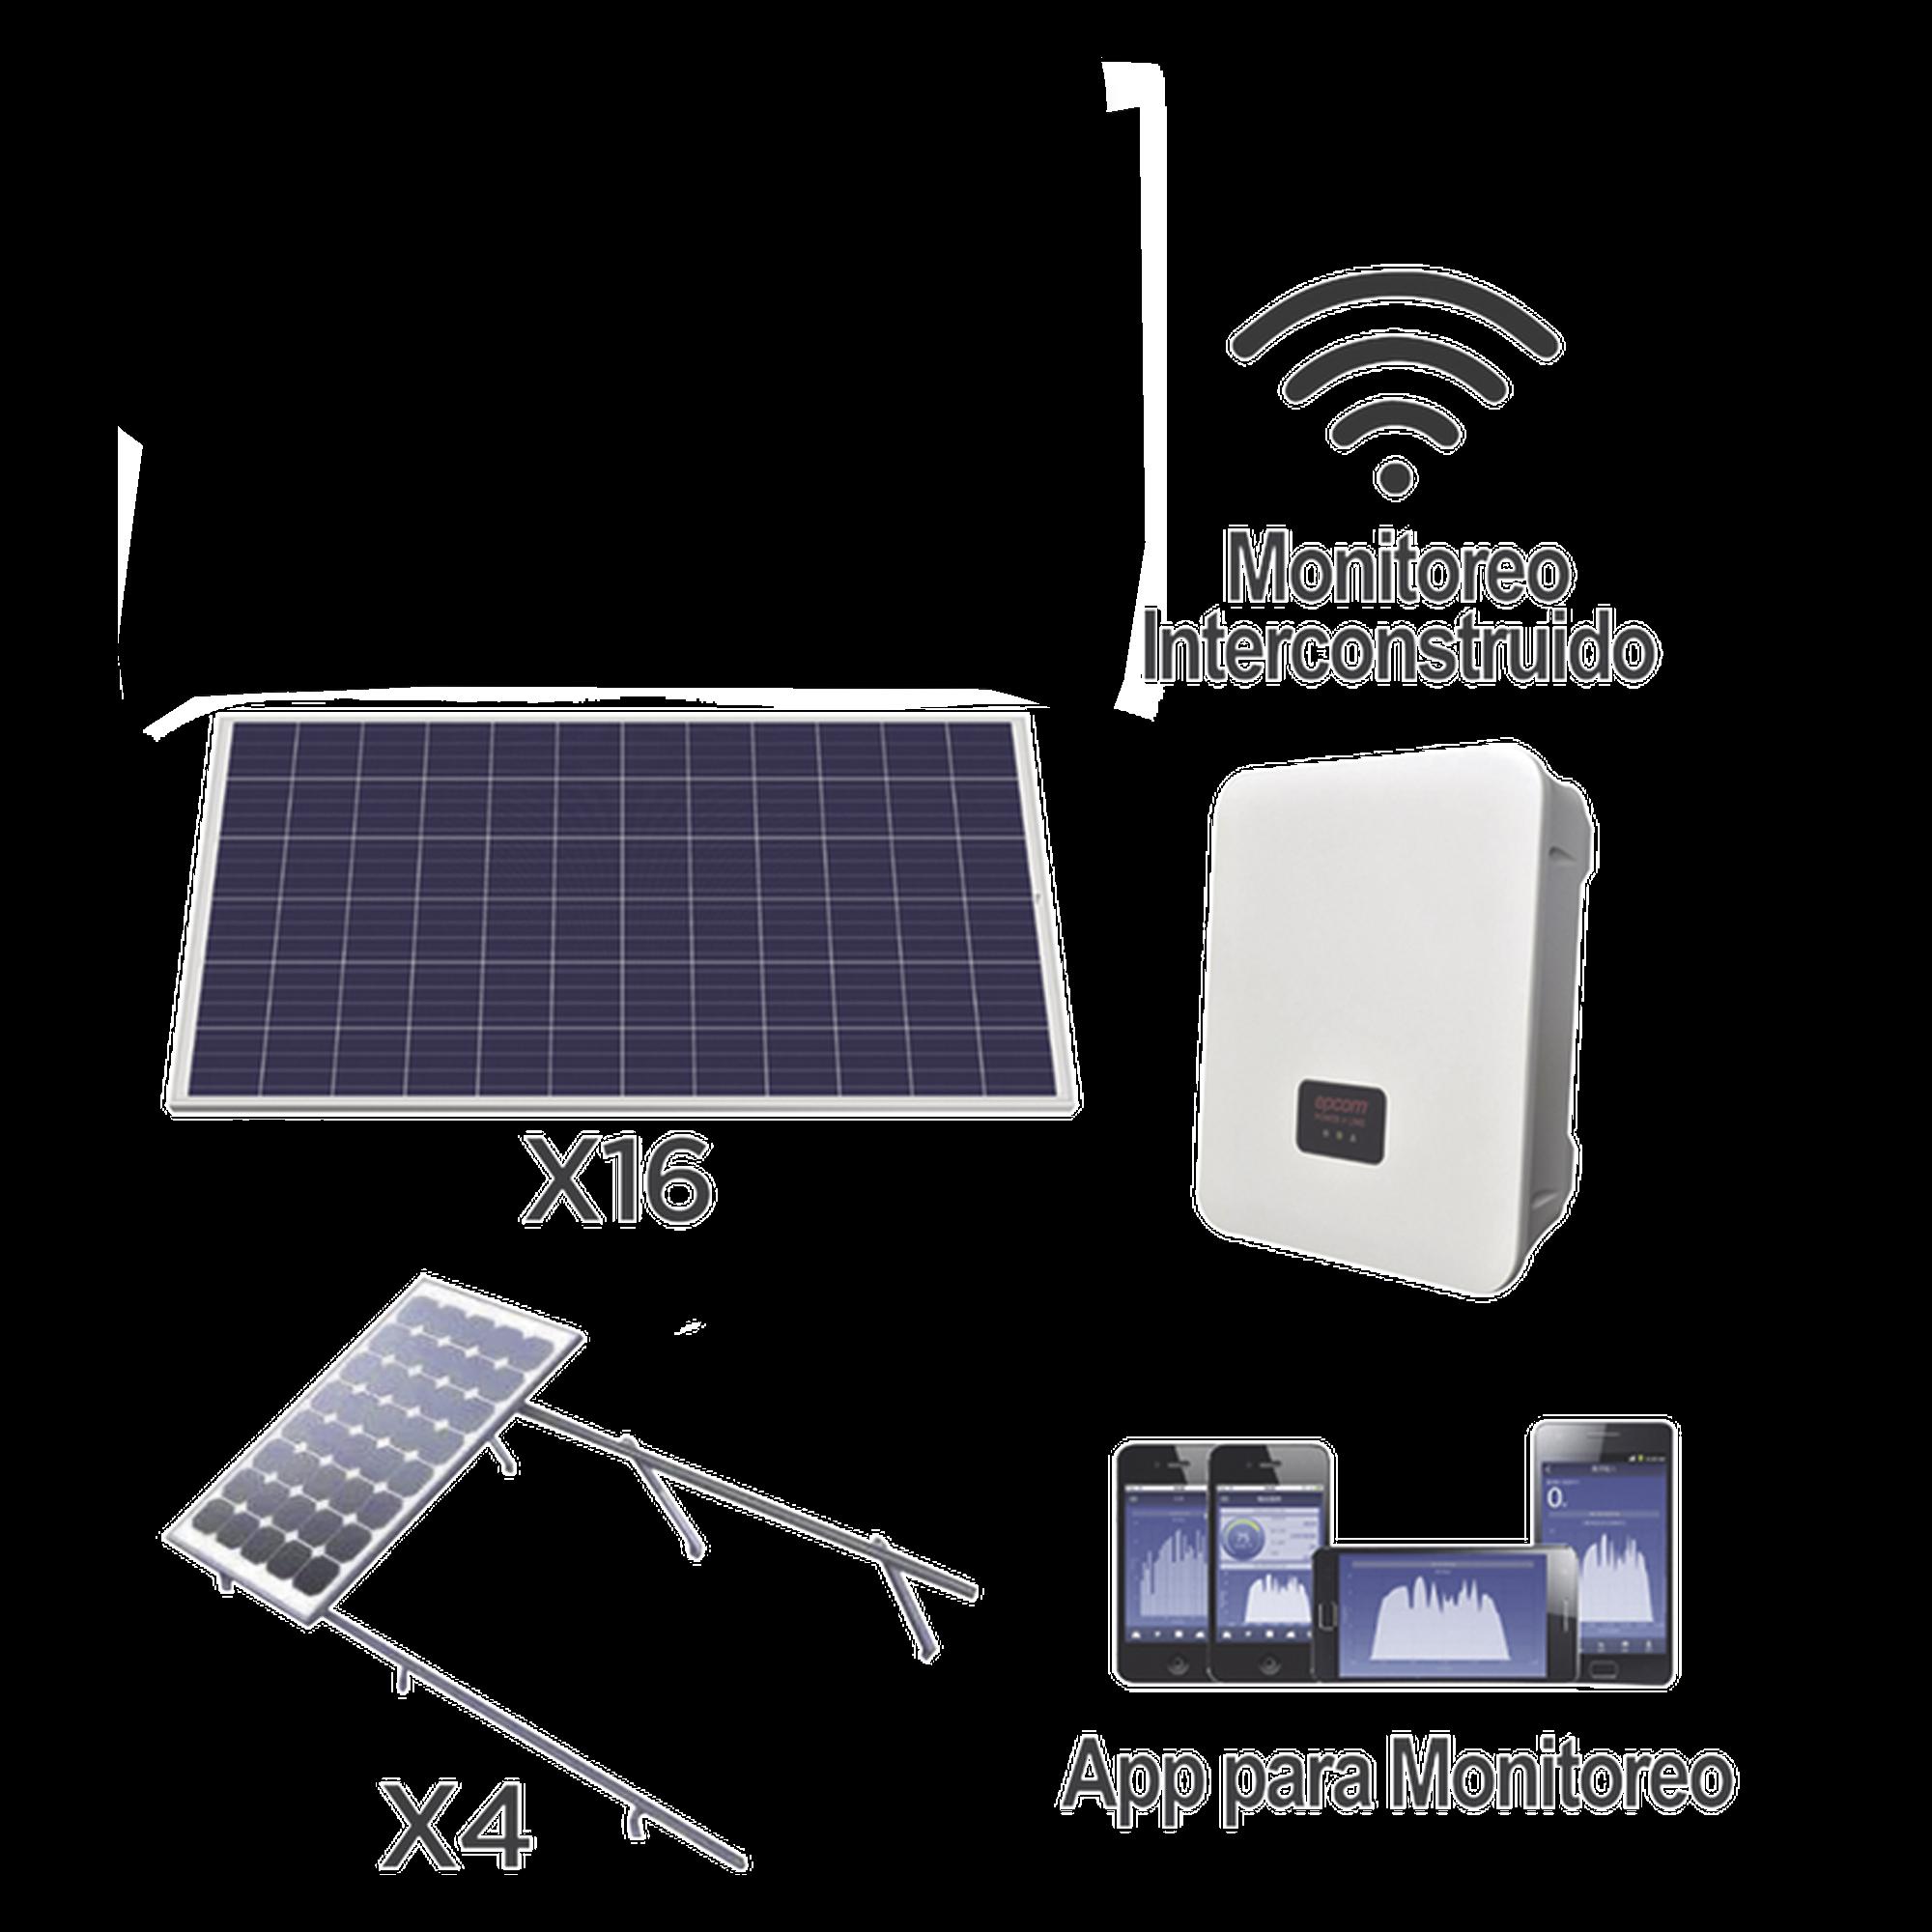 Kit solar para interconexión de 5 KW de potencia, 220 Vca con inversor cadena y paneles policristalinos.